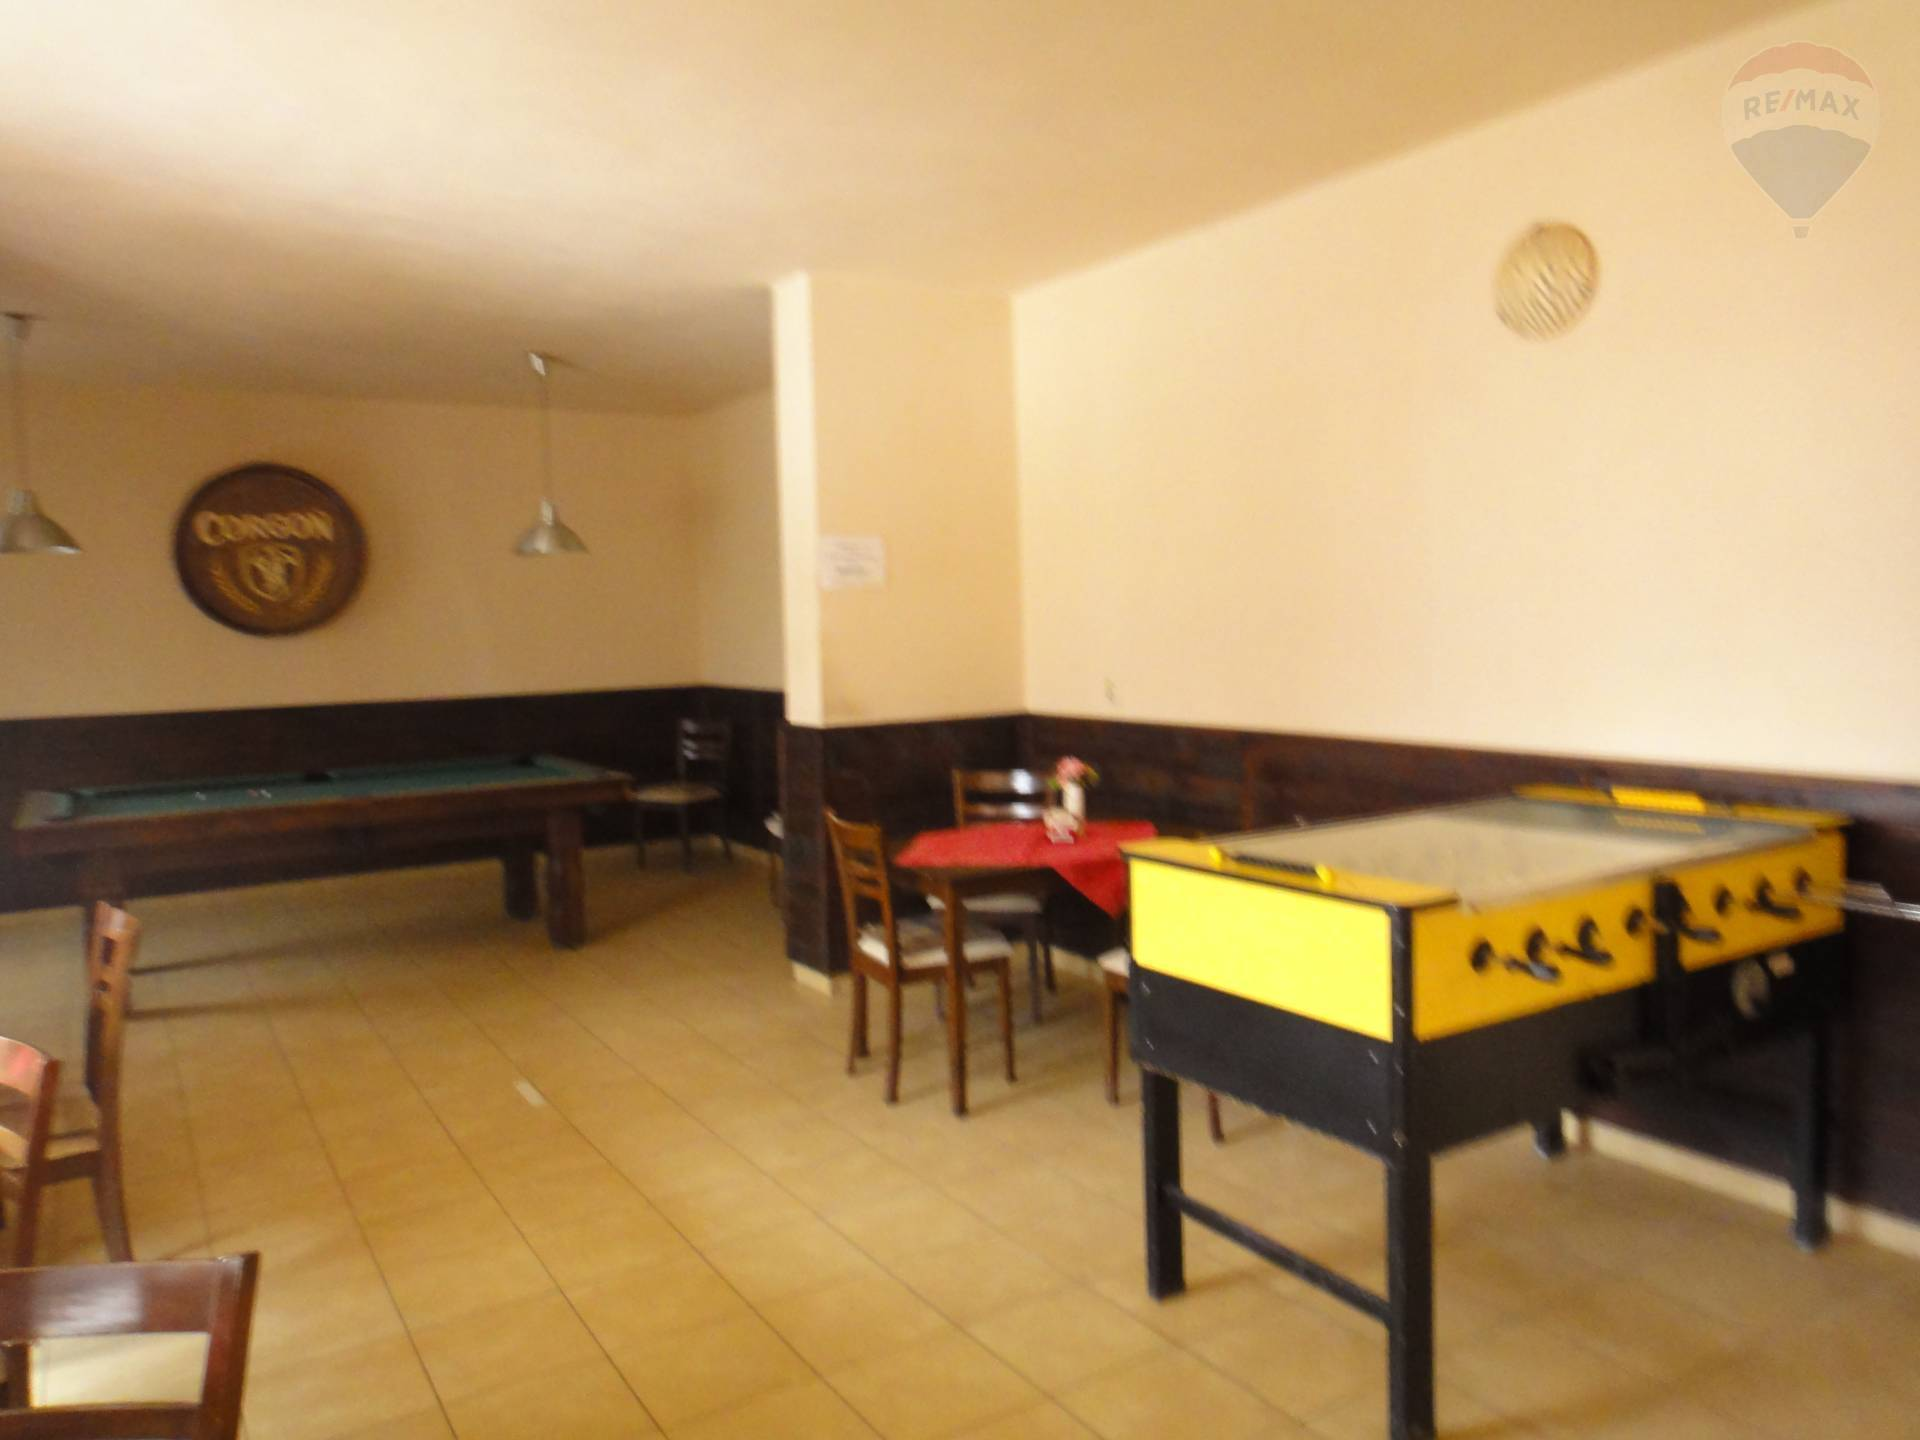 Predaj komerčného priestoru 754 m2, Horný Pial - ajčiarska miestnosť - herňa